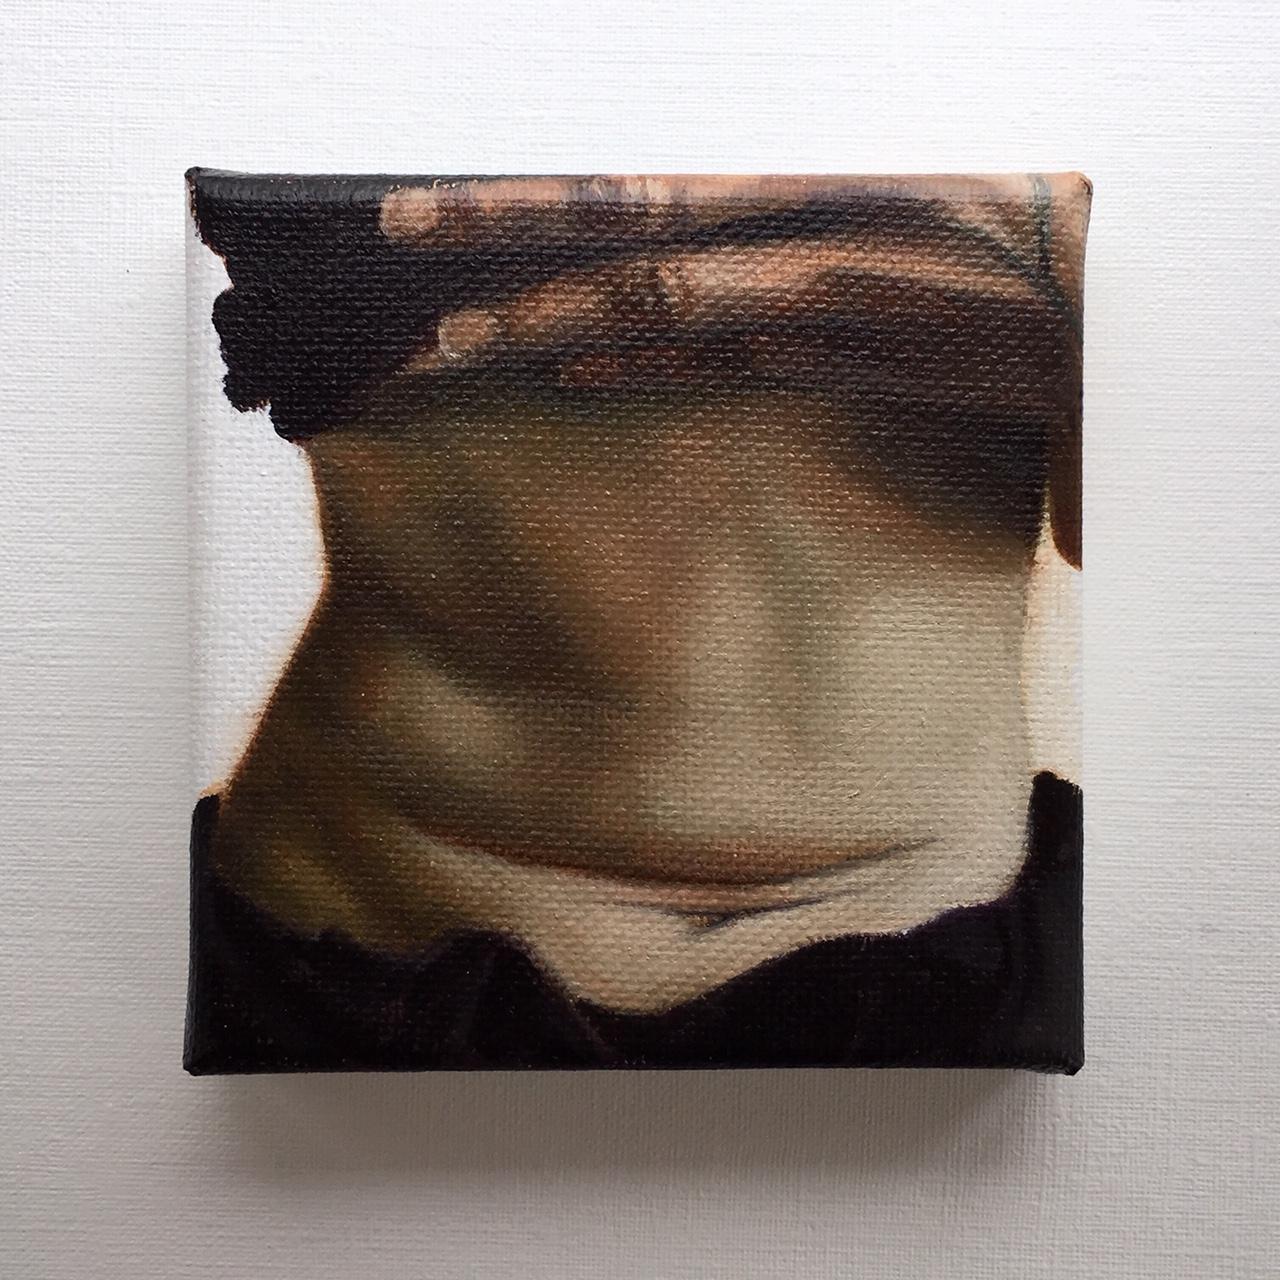 10 x 10cm, olieverf (2019)